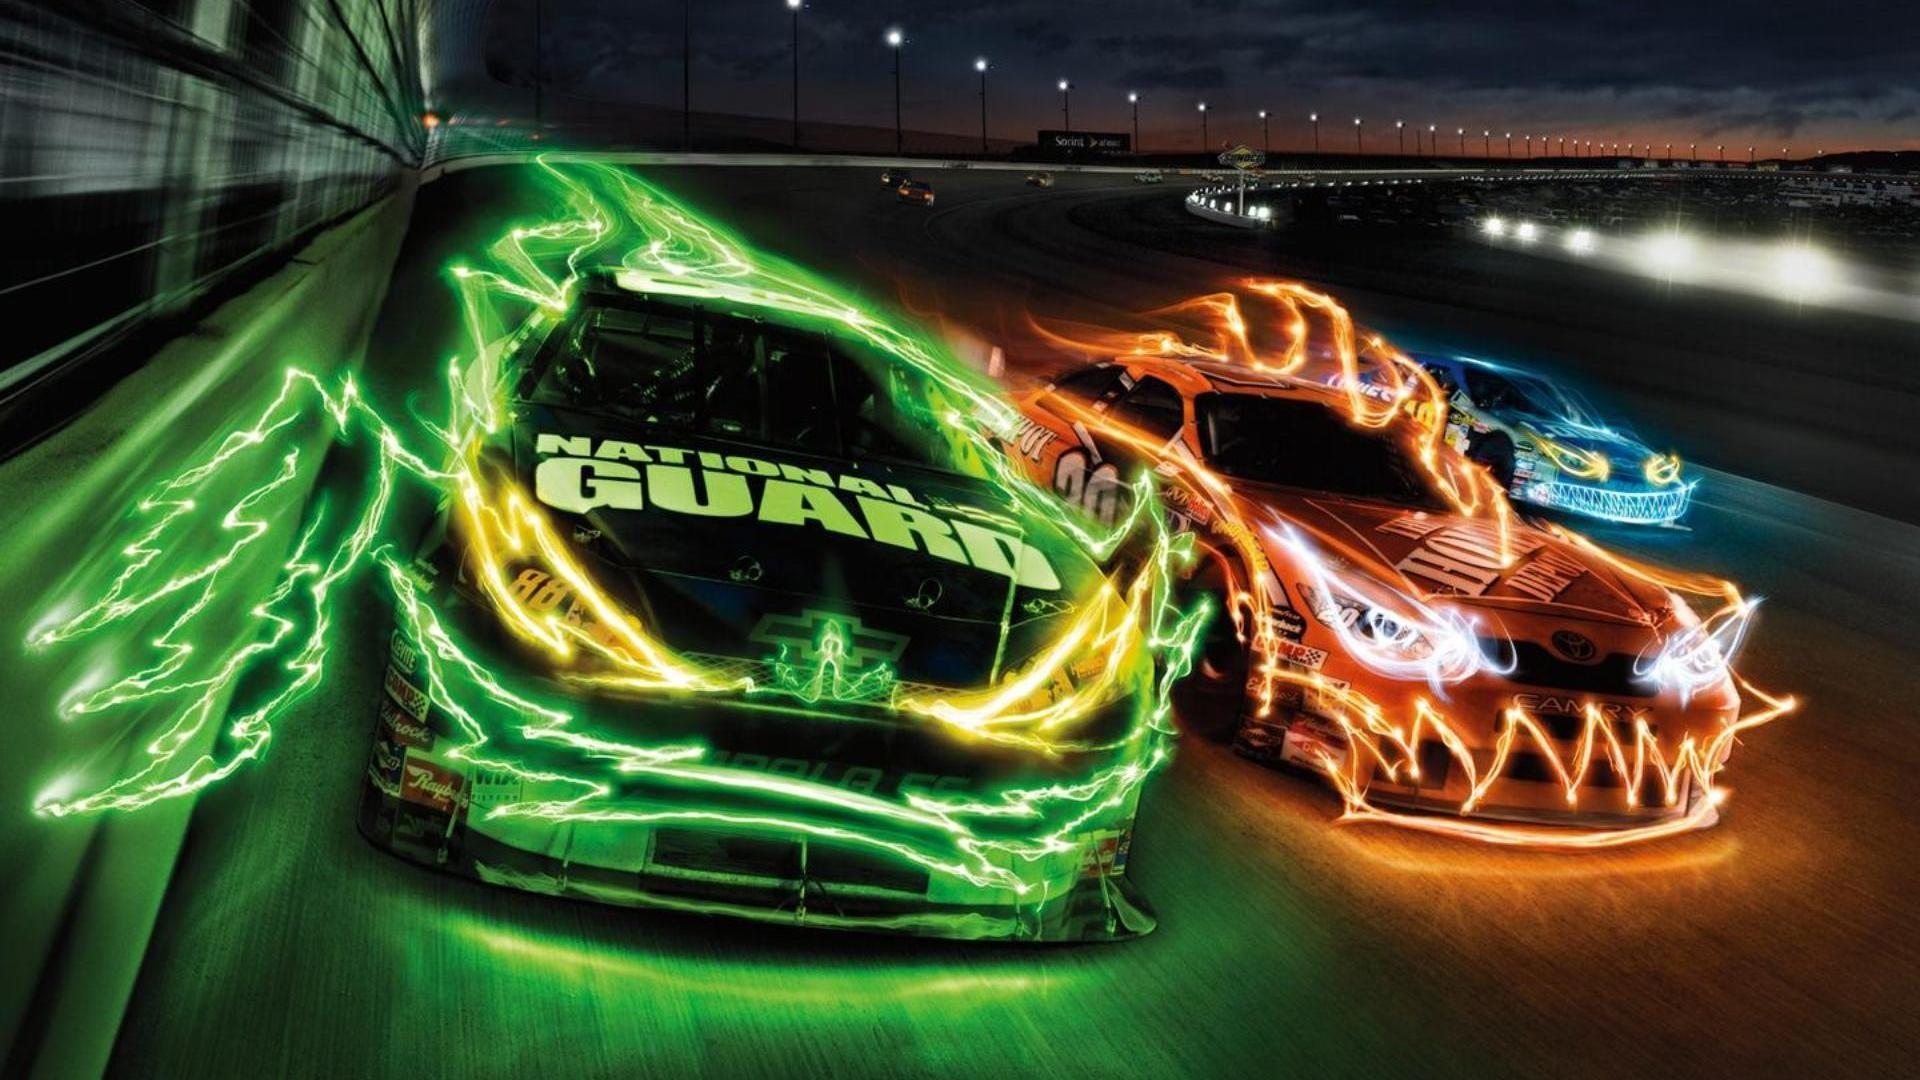 Green Race Car Wallpaper